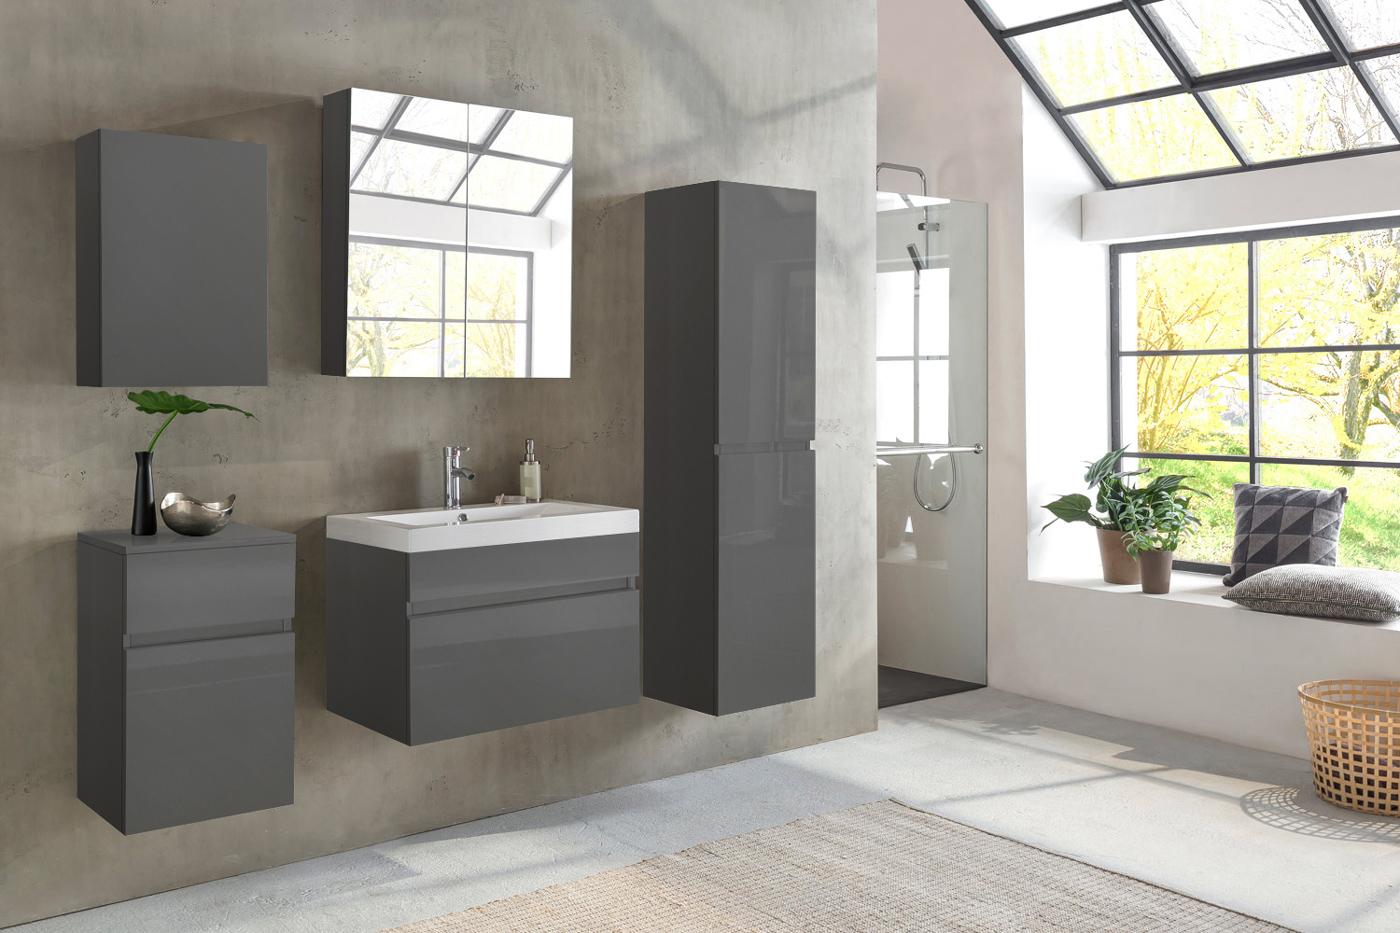 Badmöbel grau  SAM® Badmöbel PARMA 5tlg grau Hochglanz 80 cm